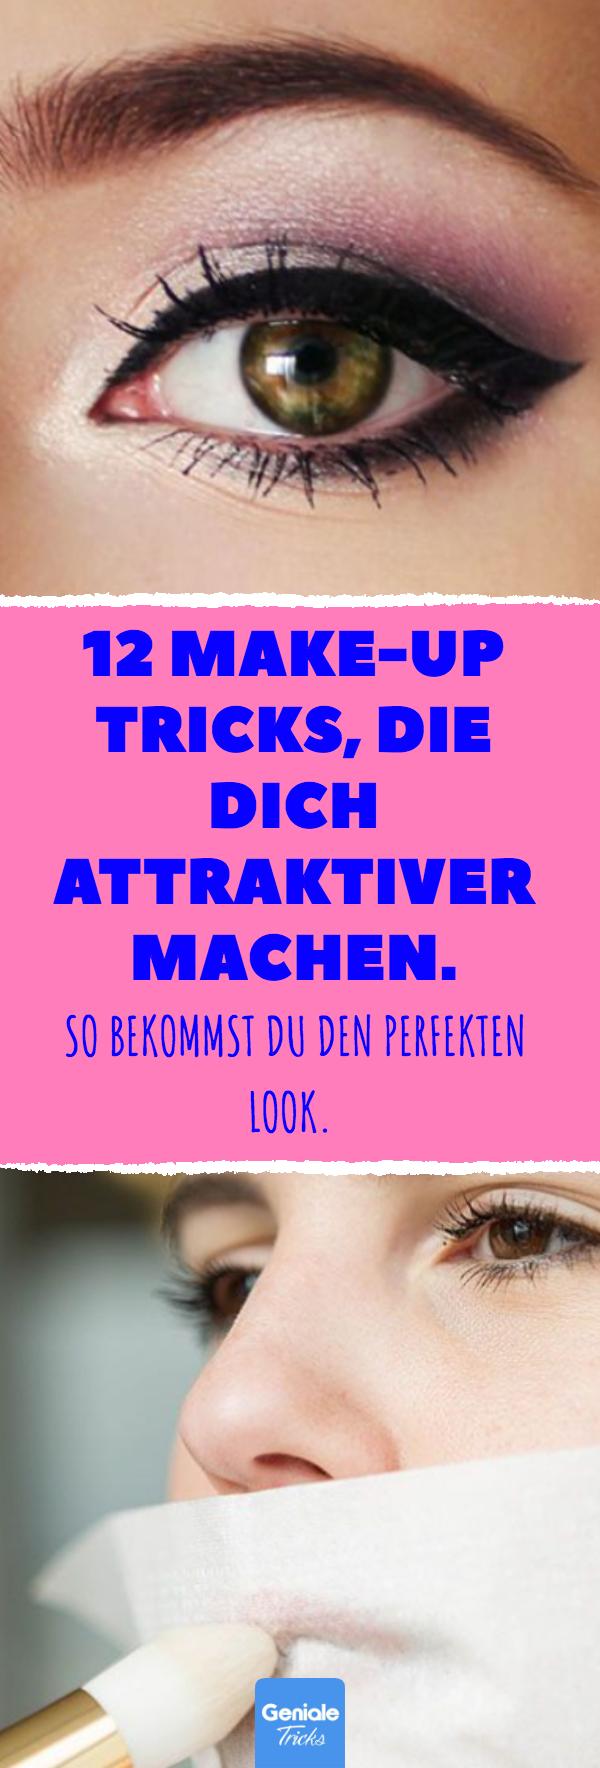 12 astuces de maquillage qui vous rendent plus attrayant. Donc, vous obtenez le parfait Loo …